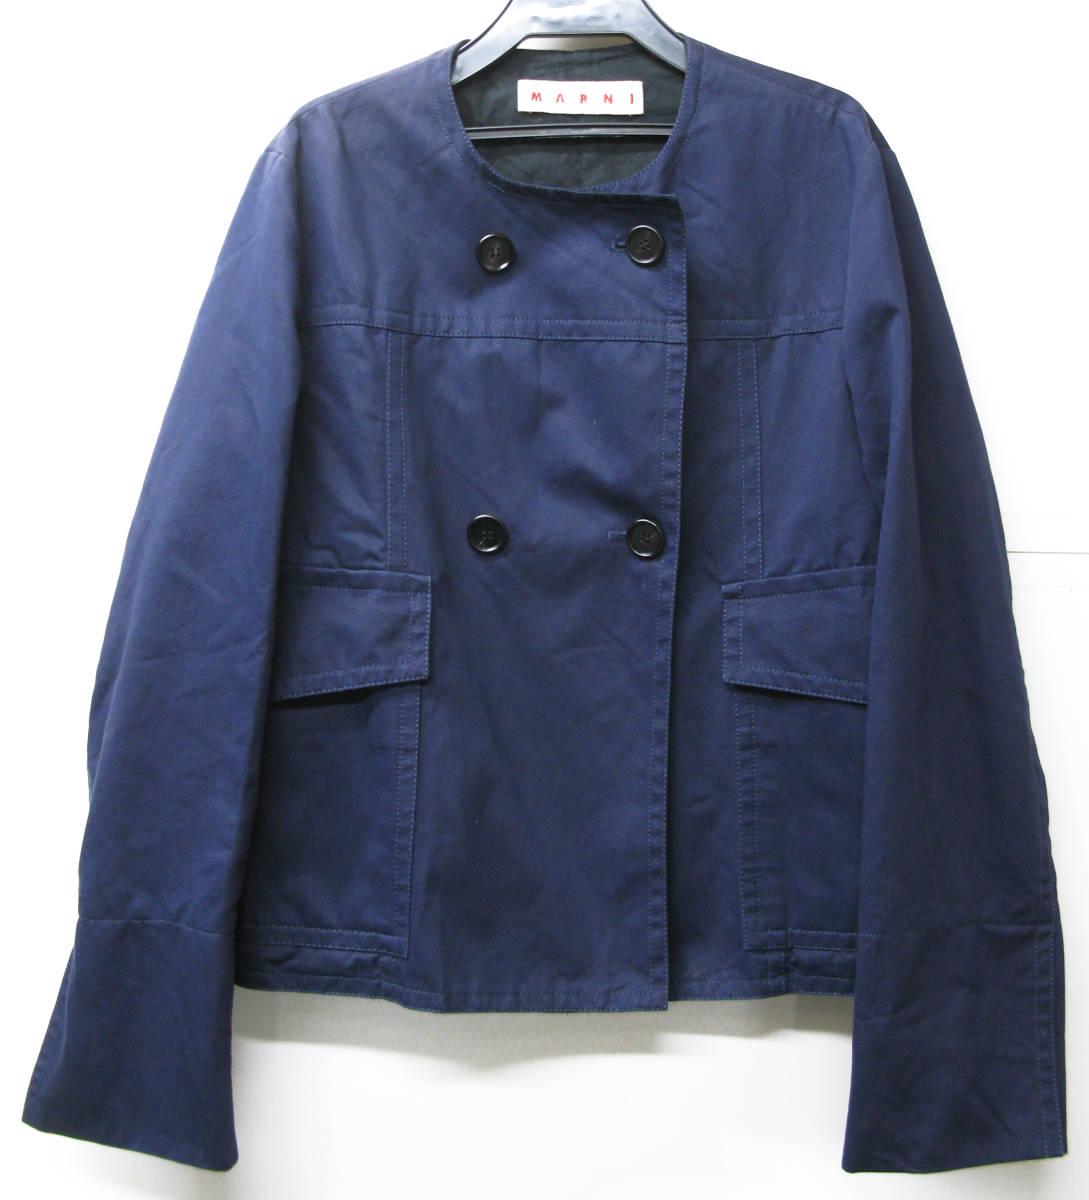 マルニ MARNI:綿/麻混紡素材 ジャケット 紺 40 ( jacket ブルゾン _画像1